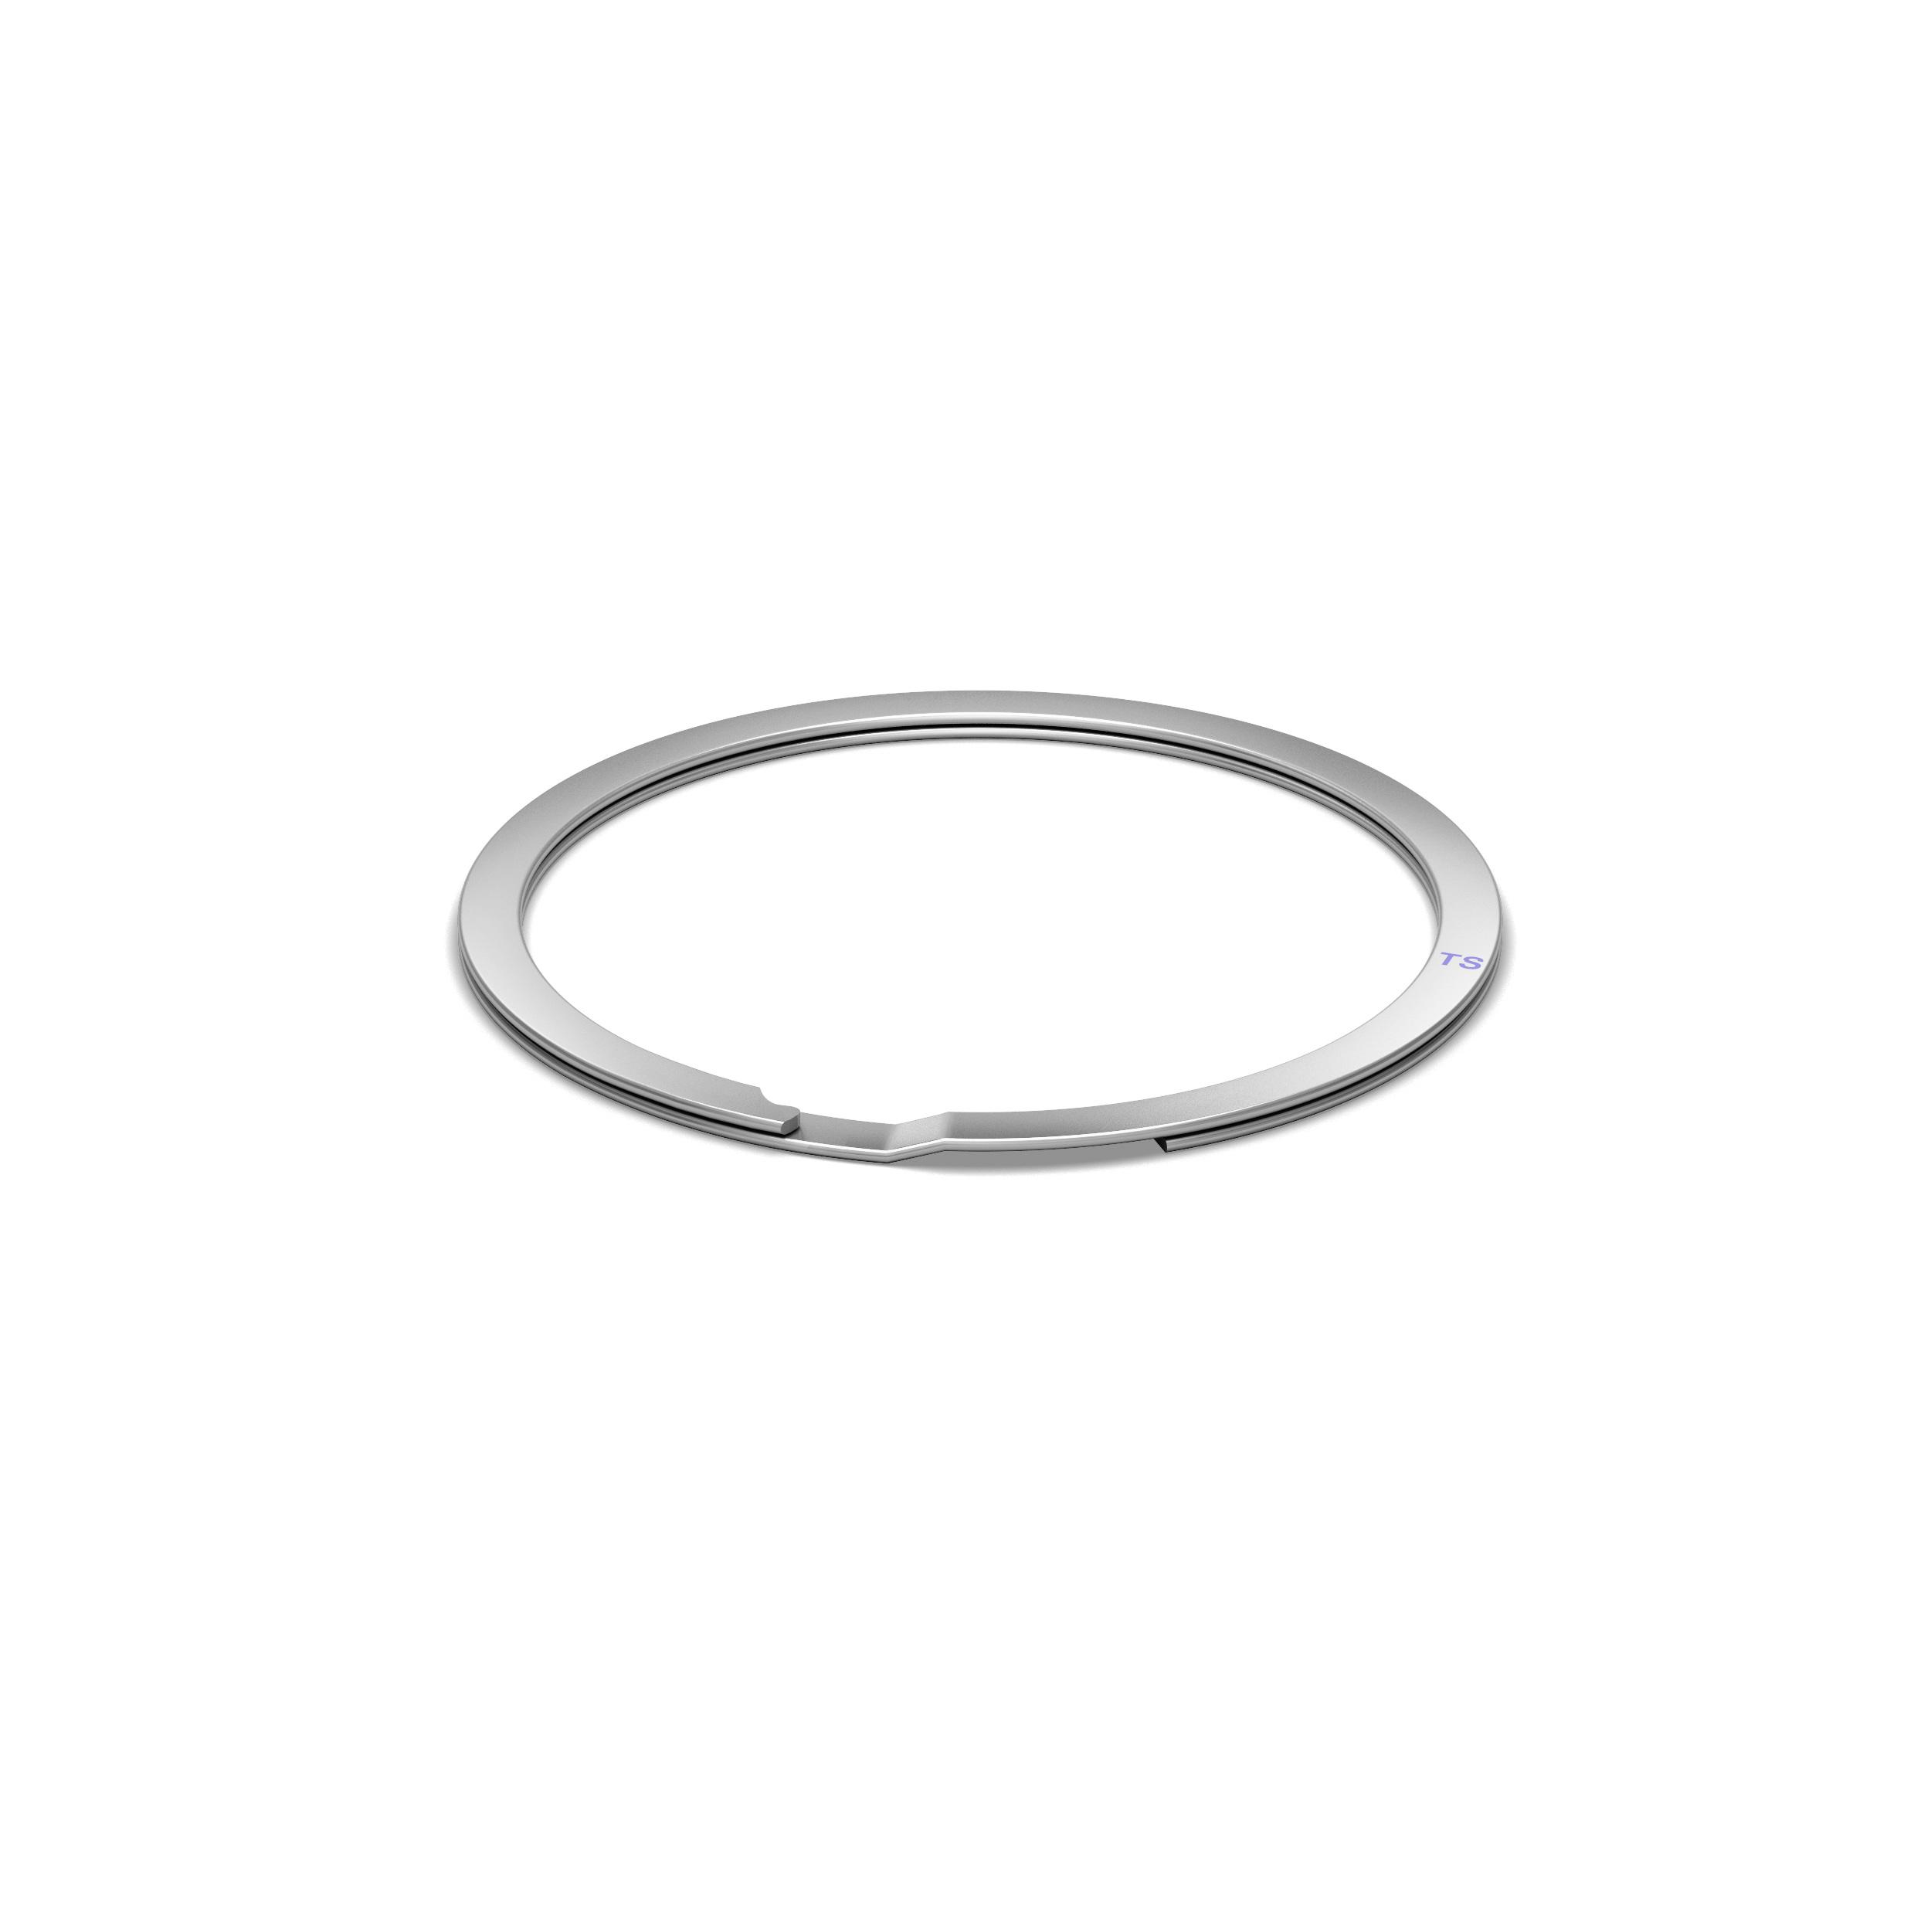 RETAINING RINGS/Spiral Retaining Rings